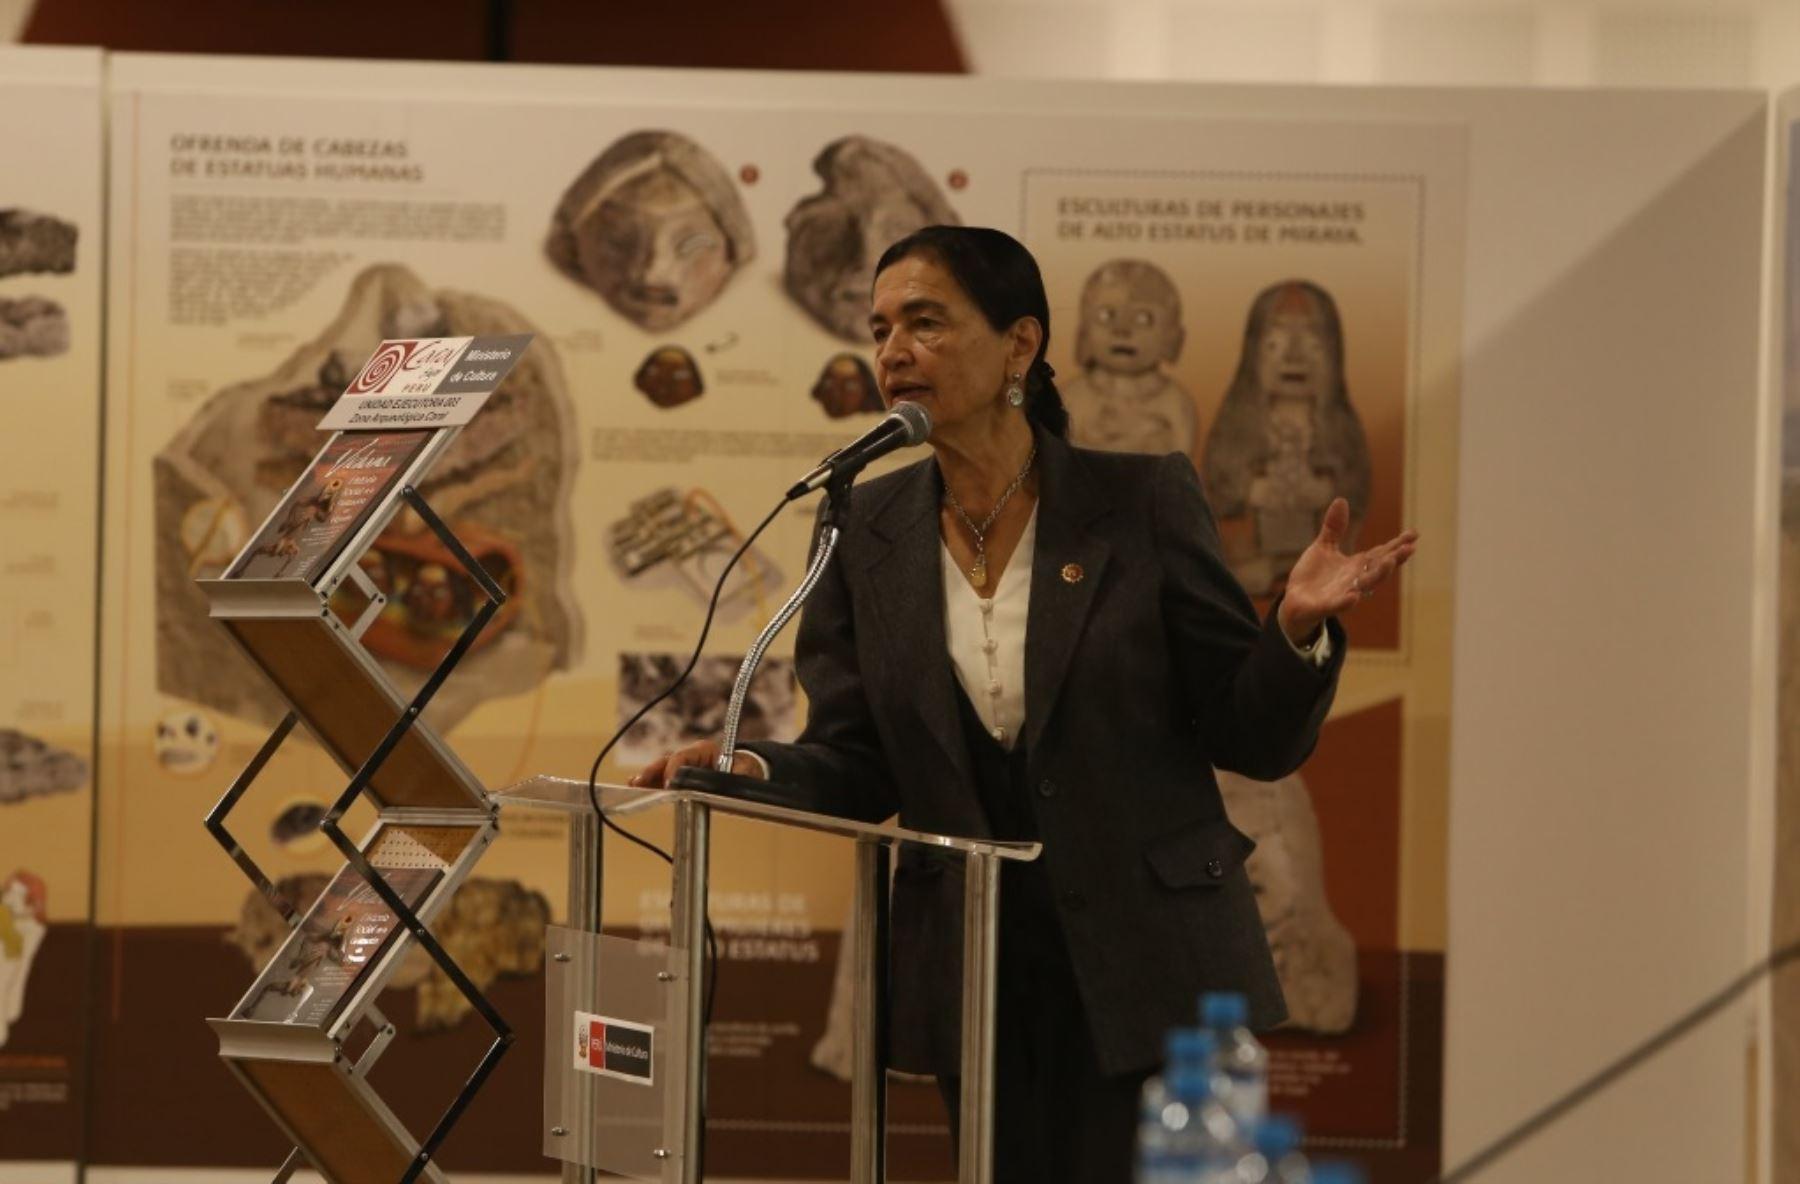 La directora de la Zona Arqueológica Caral, Ruth Shady, reveló que la Civilización Caral y Vichama, sociedad agropesquera de Végueta-Huacho compartieron creencias y manifestaciones ideológicas.